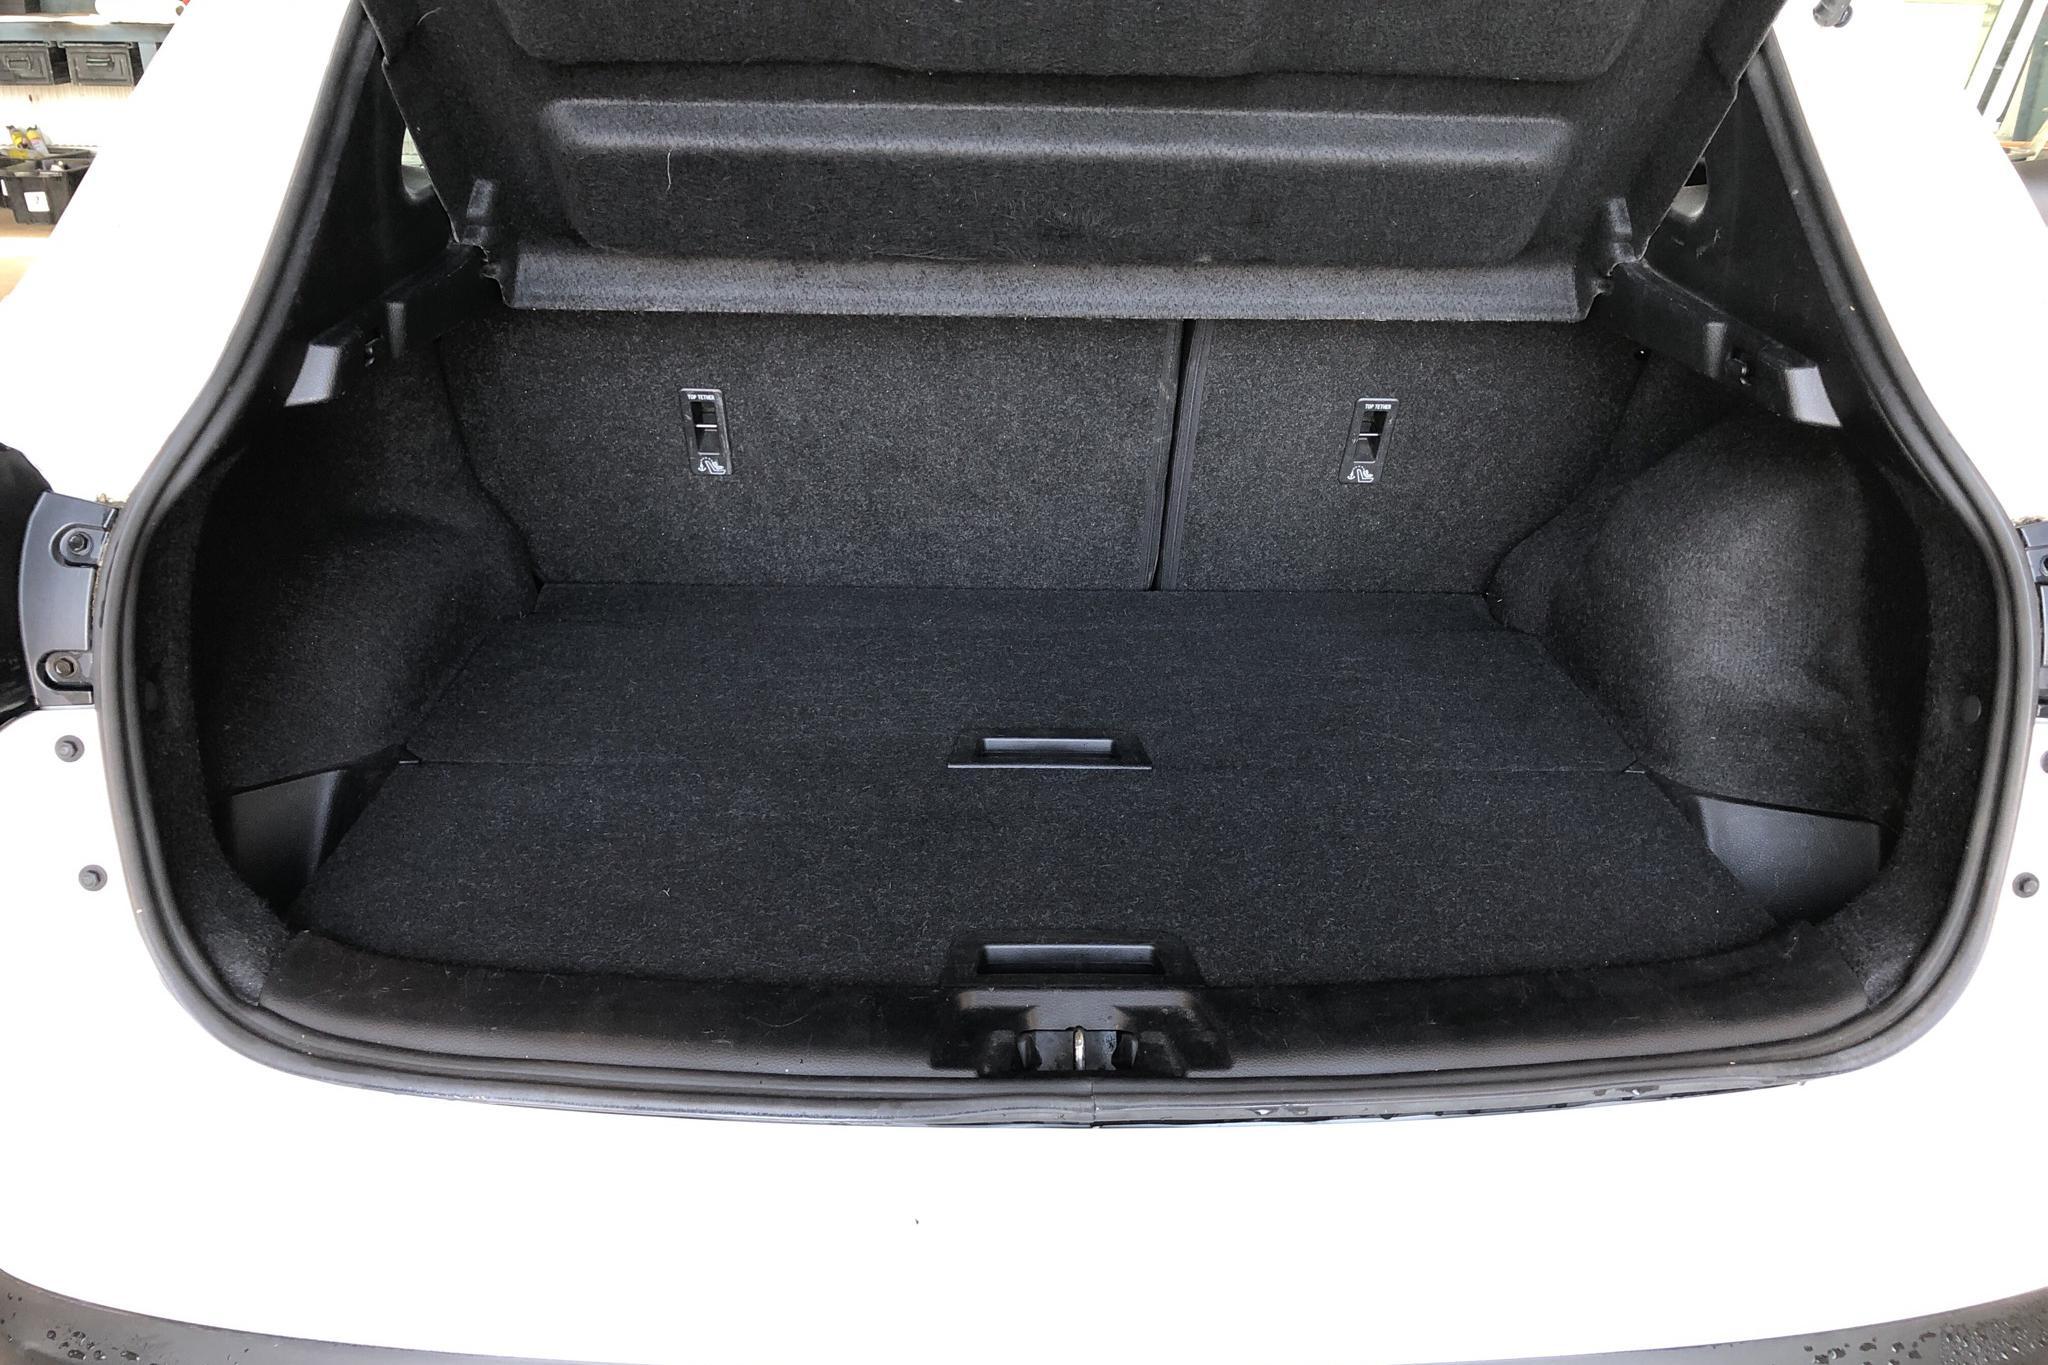 Nissan Qashqai 1.2 (115hk) - 98 420 km - Manual - white - 2015